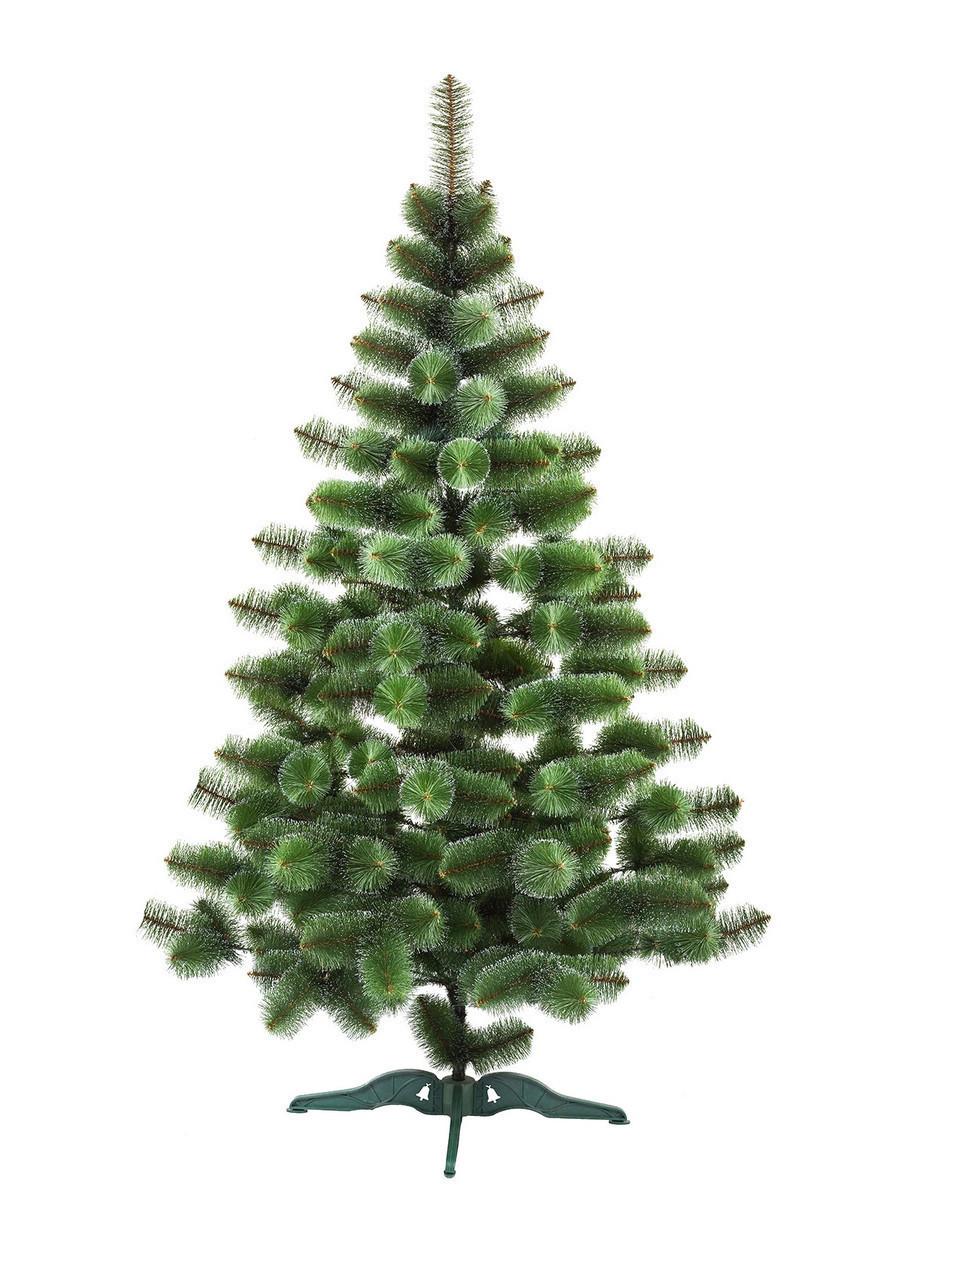 Сосна искусственная Bonita 1.2 м Новогодняя зеленая с белыми кончиками СШ-З-БК-1,20